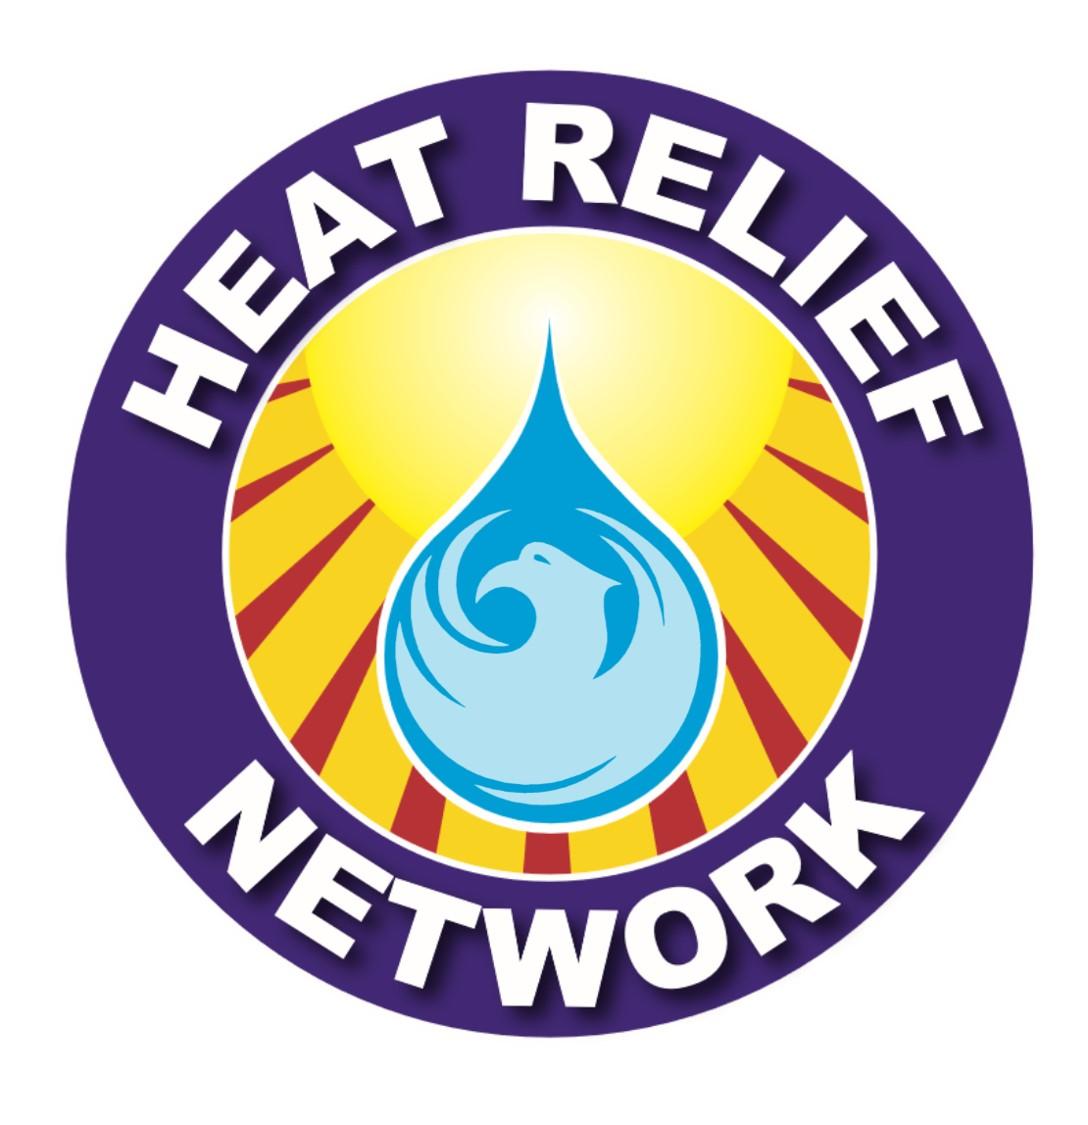 Heat Relief Network logo